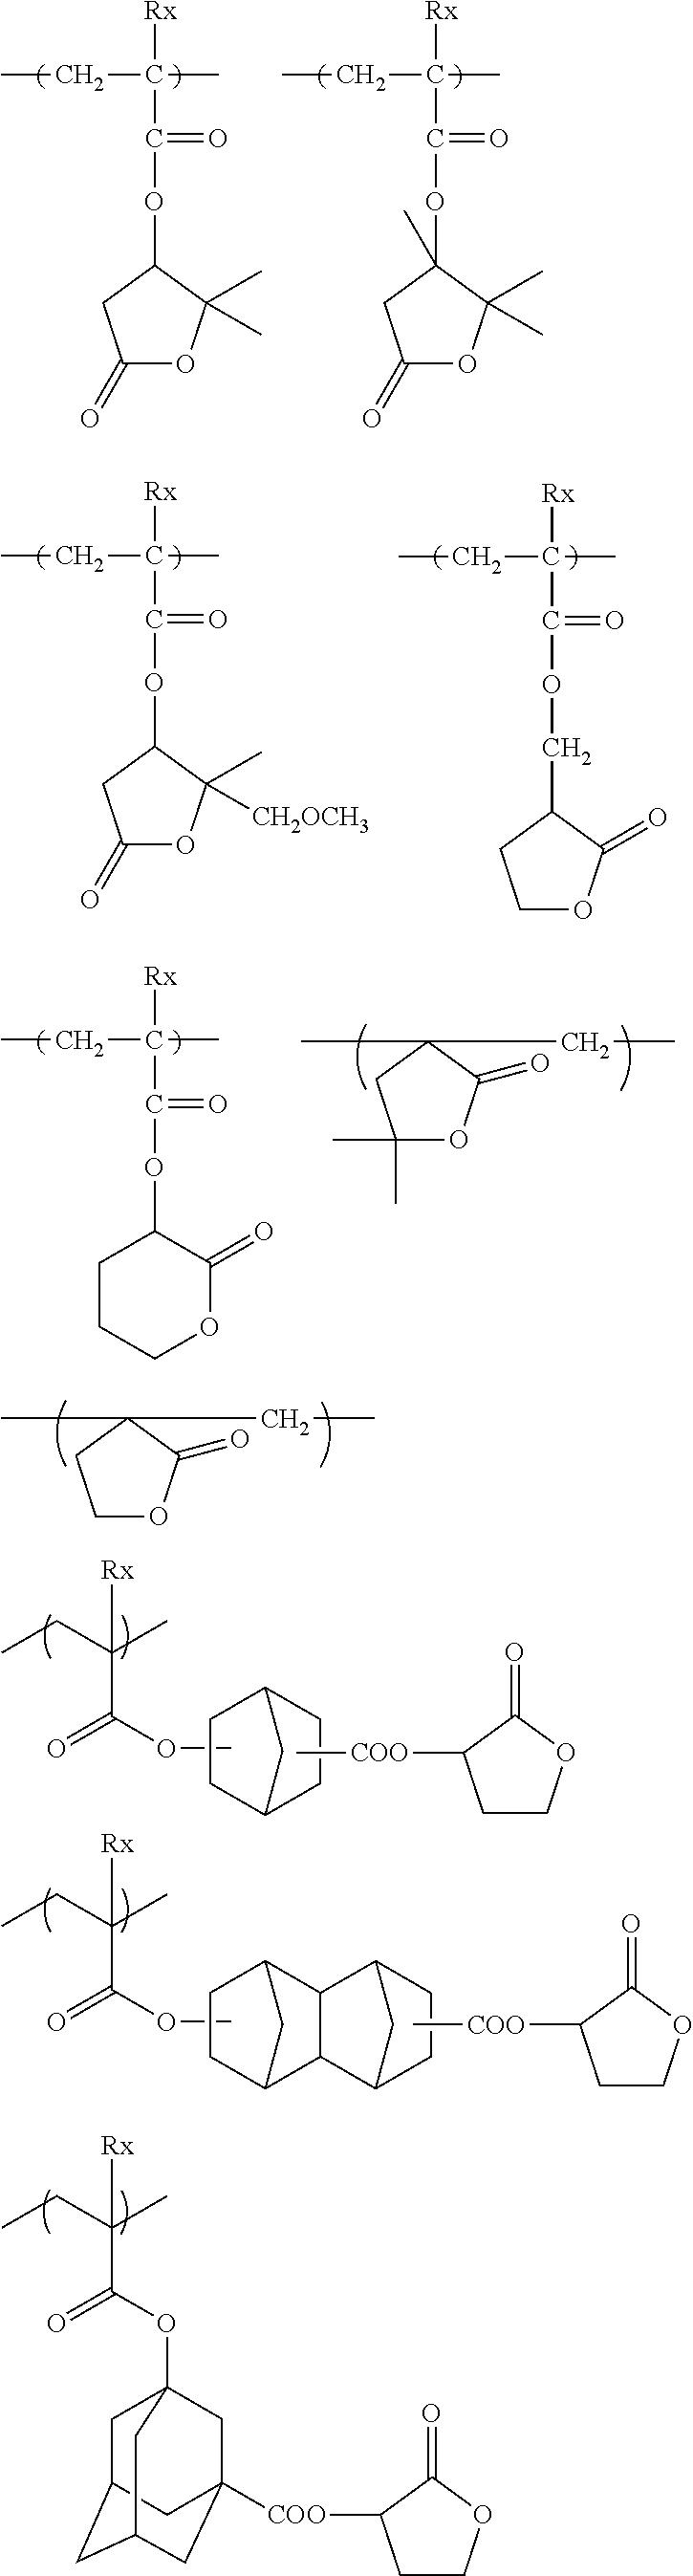 Figure US08476001-20130702-C00028